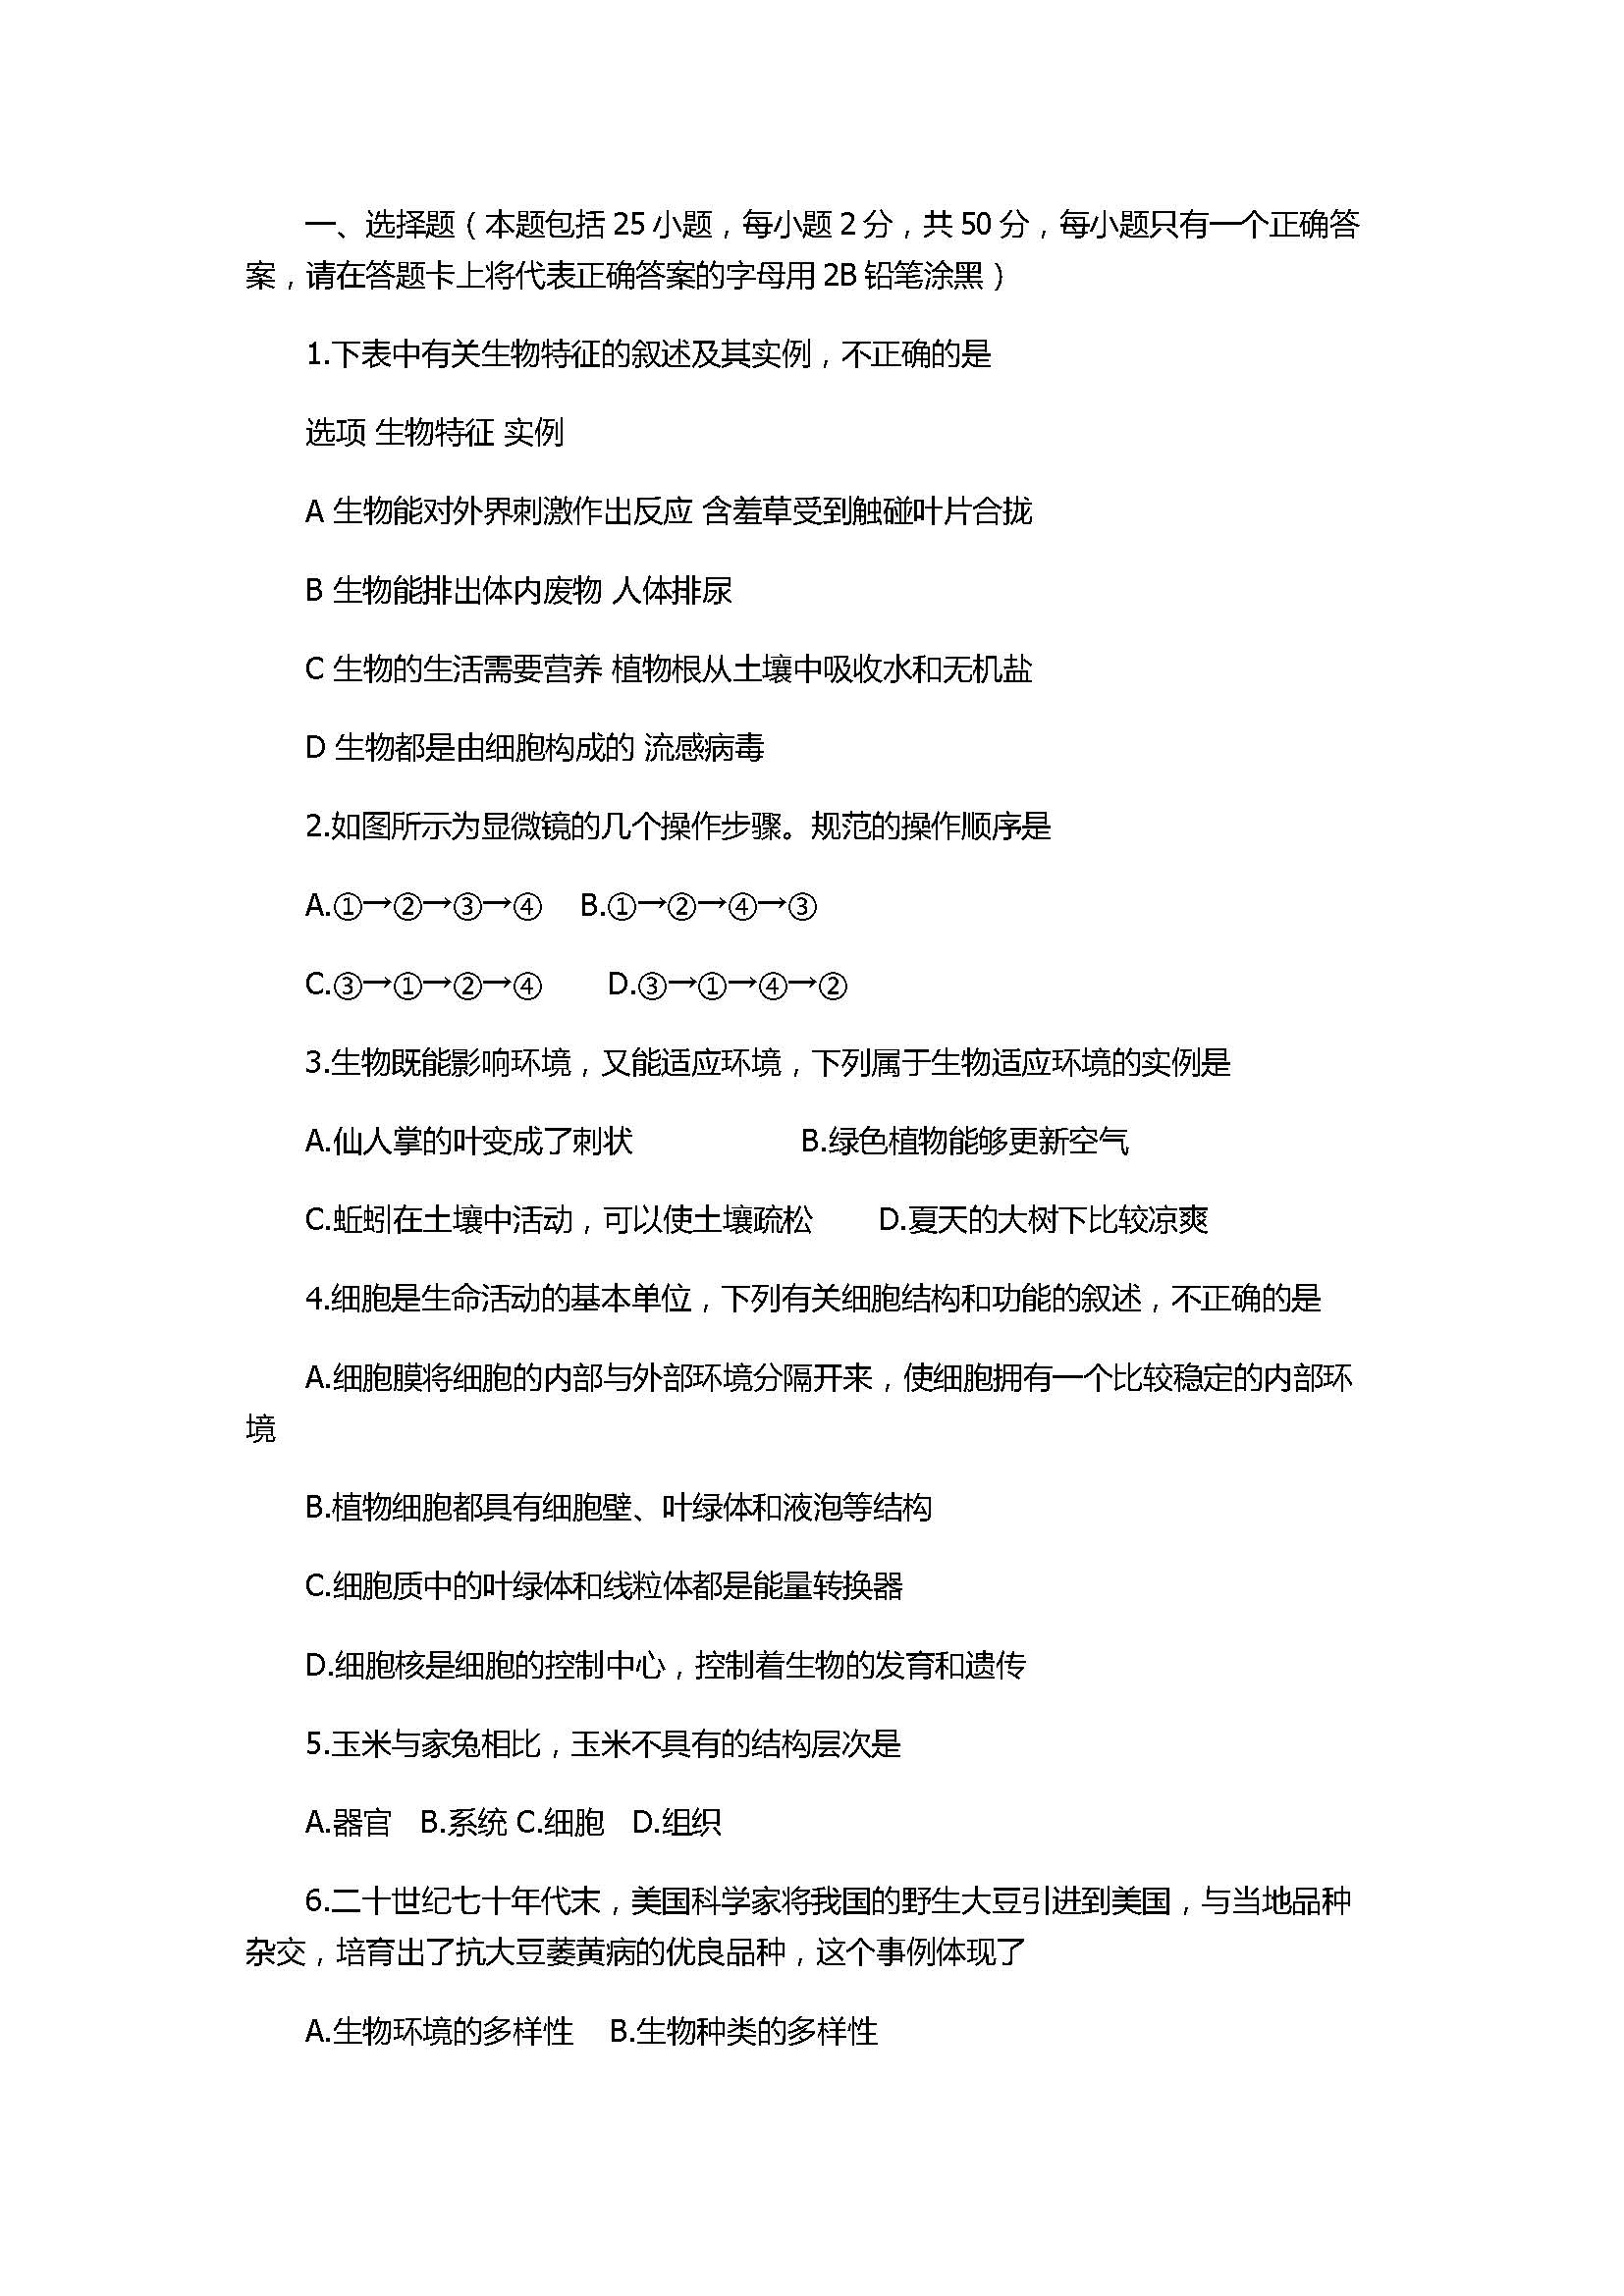 2017八年级生物中考试卷带参考答案(通辽市)